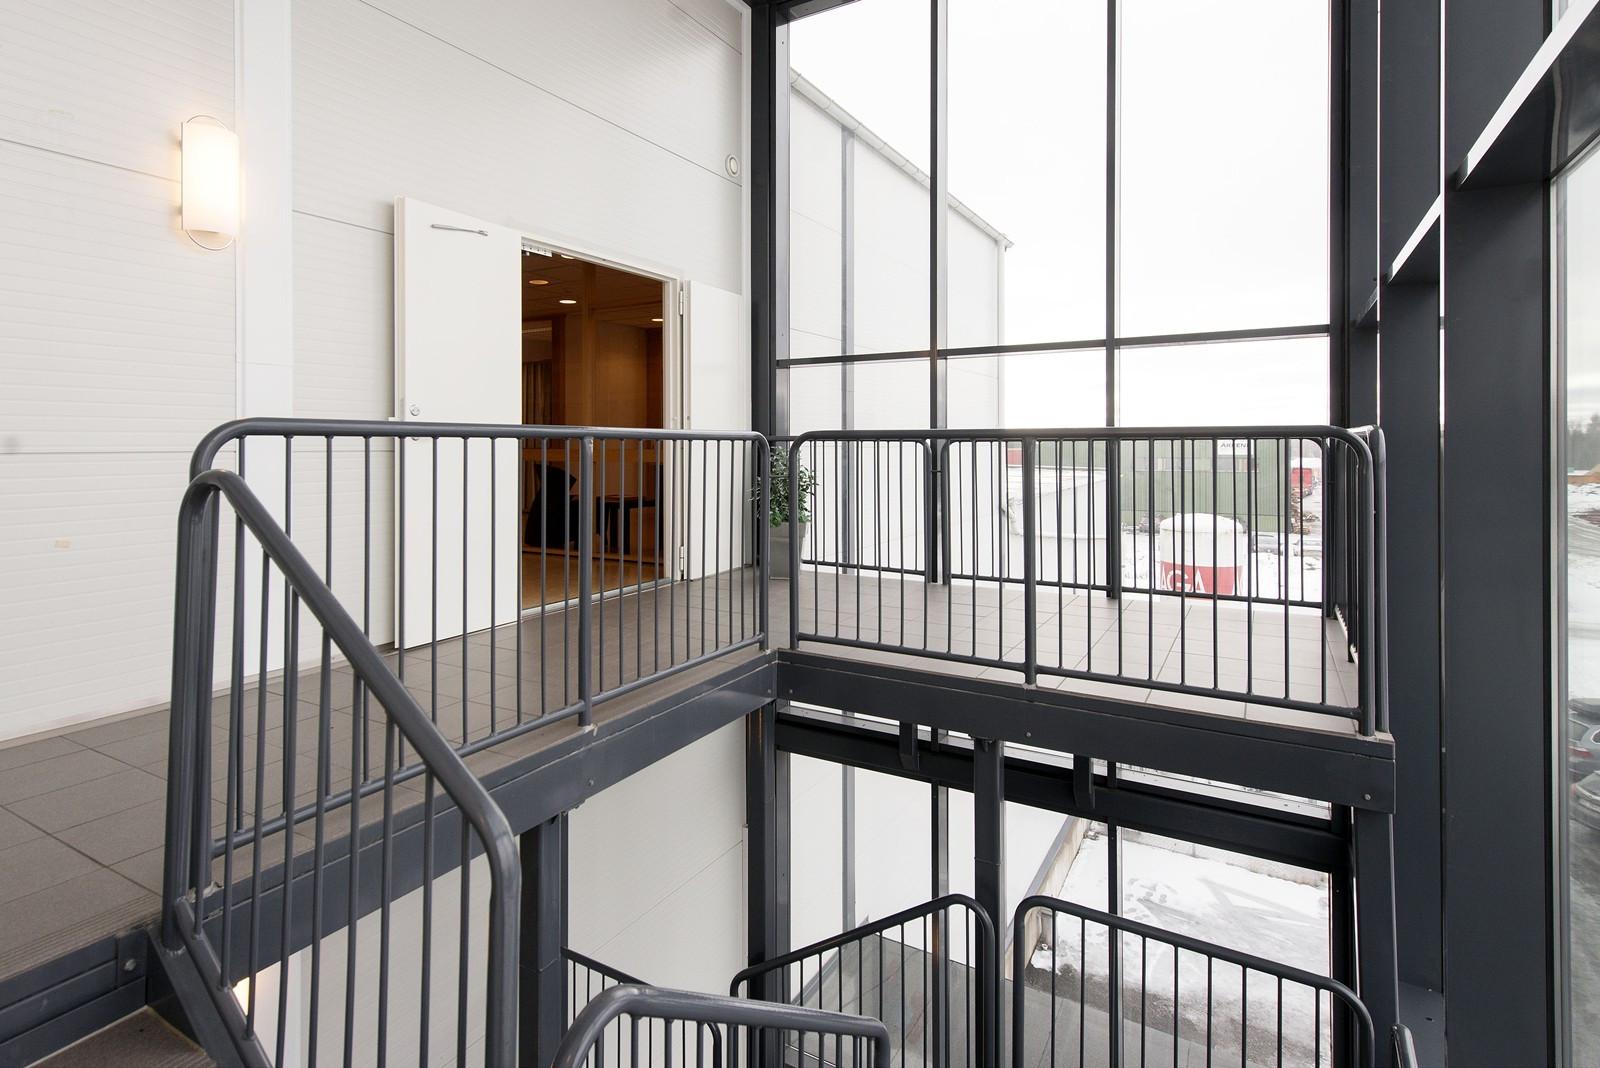 Enkel adkomst via trapp eller heis